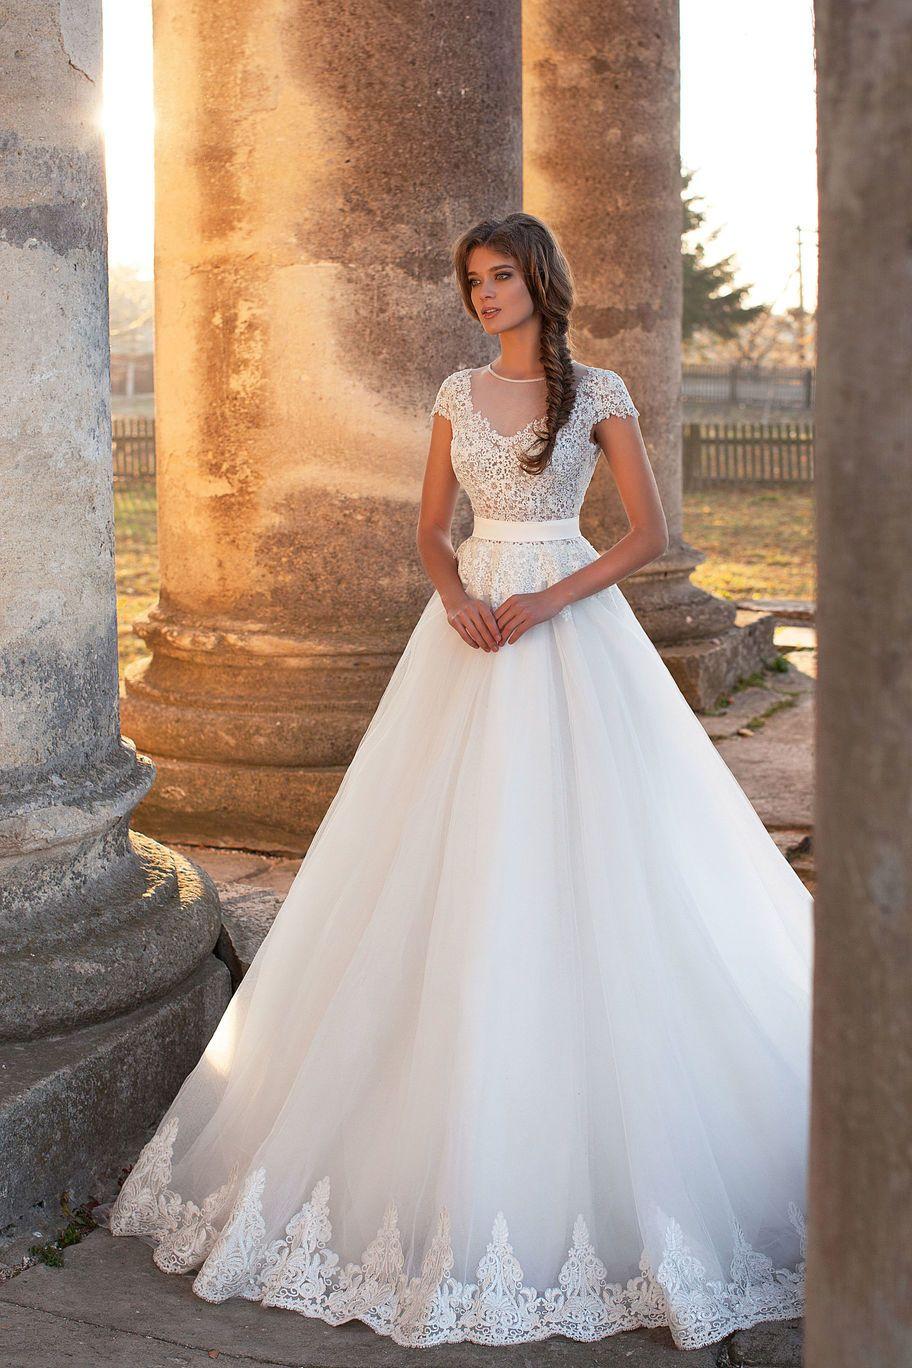 Vestidos de novia precios baratos mexico